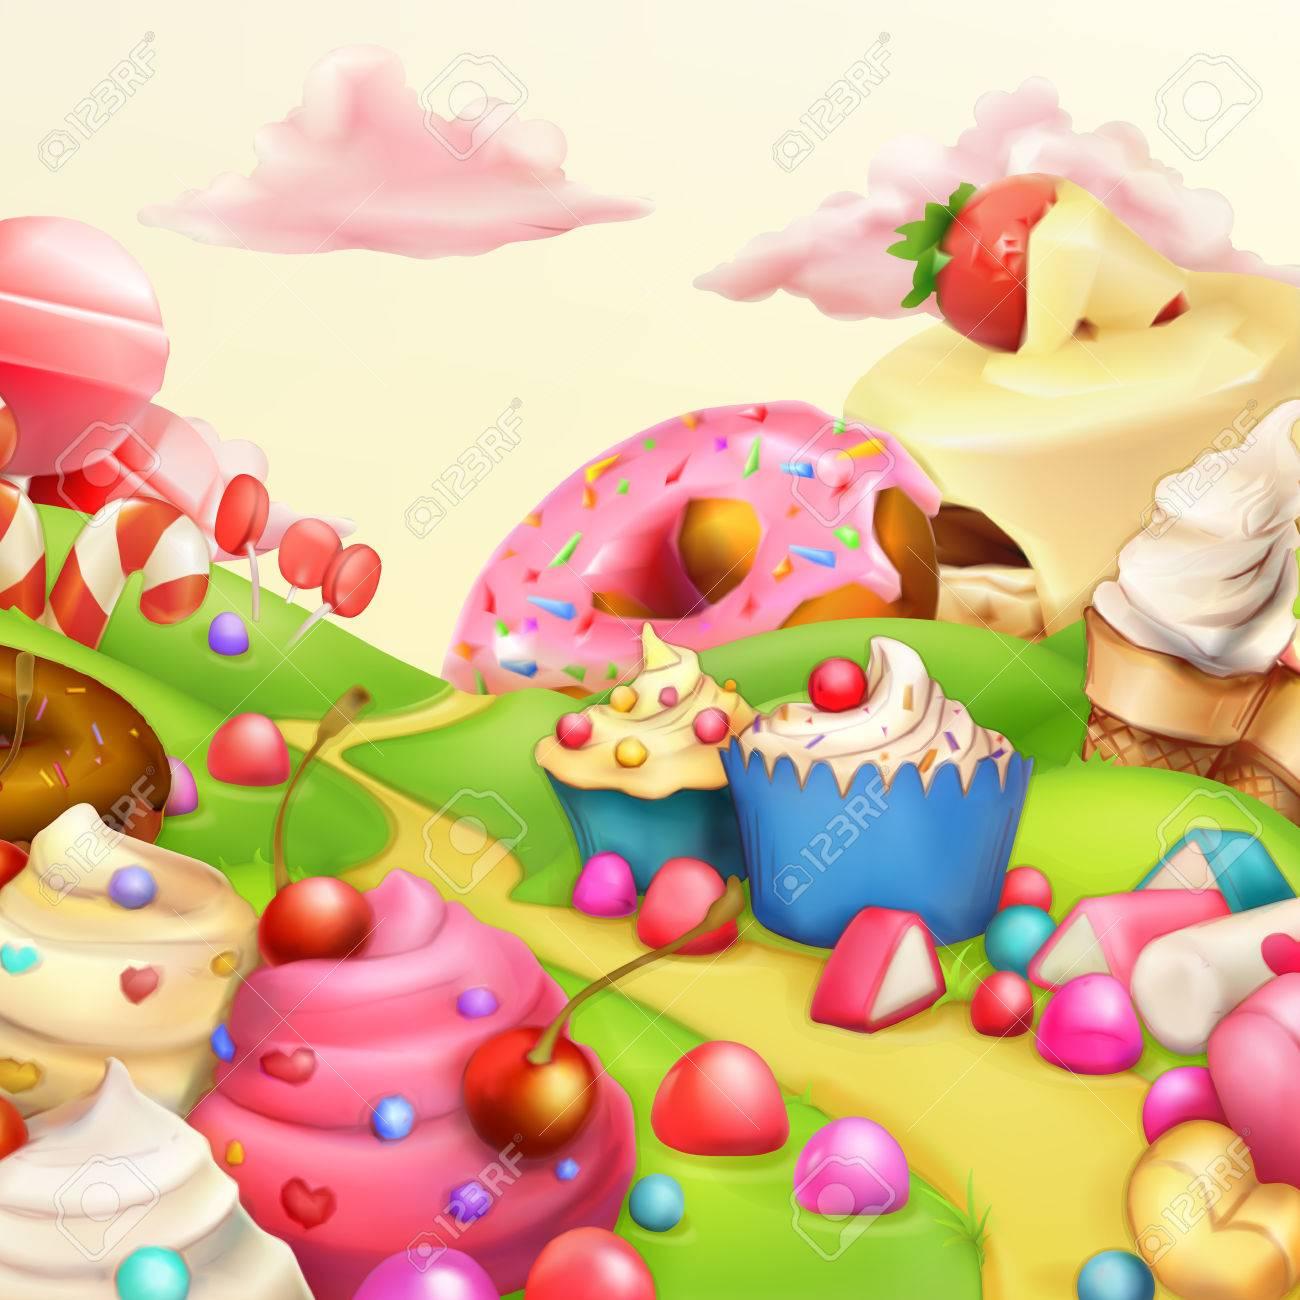 Sweet landscape vector illustration background - 50246006